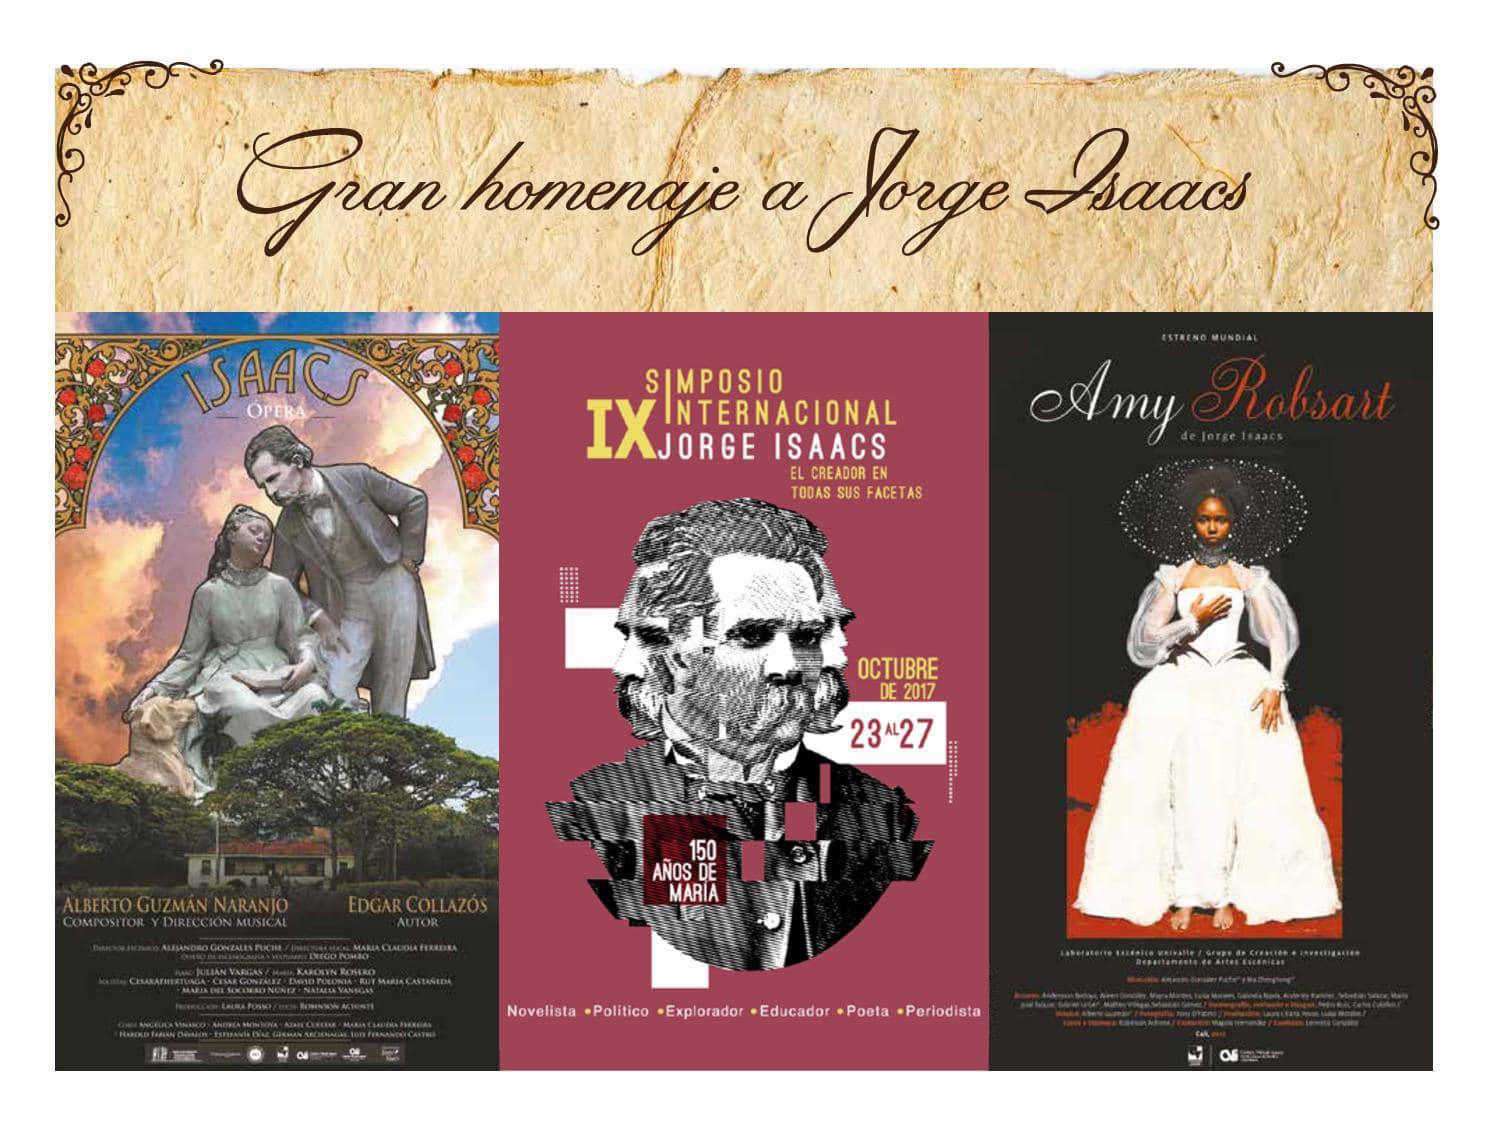 BIOGRAFÍA, HISTORIA Y POEMAS DE JORGE ISAACS